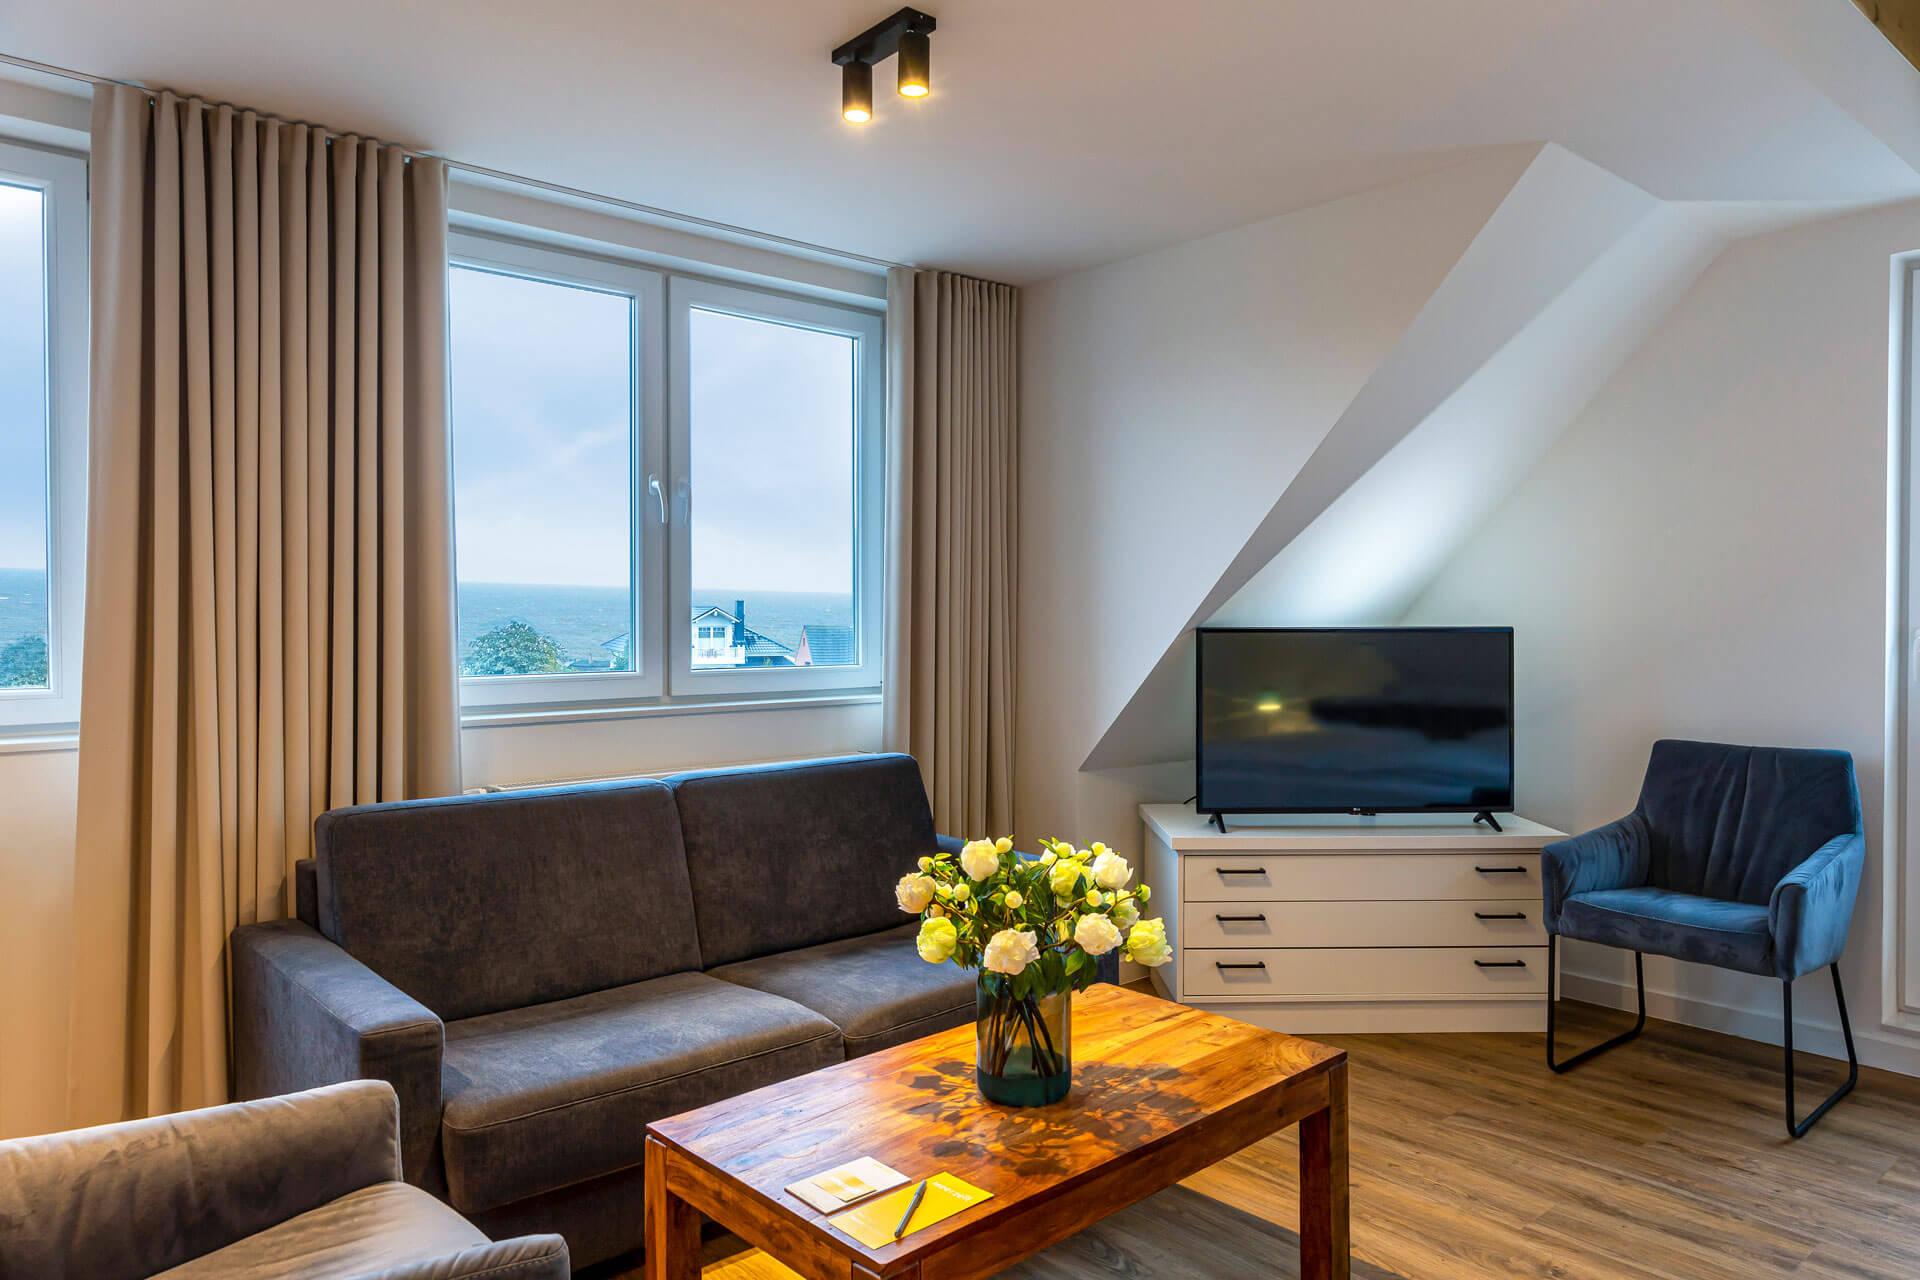 Hotel-Meerzeit-Doppelzimmer Deluxe_Wohnbereich